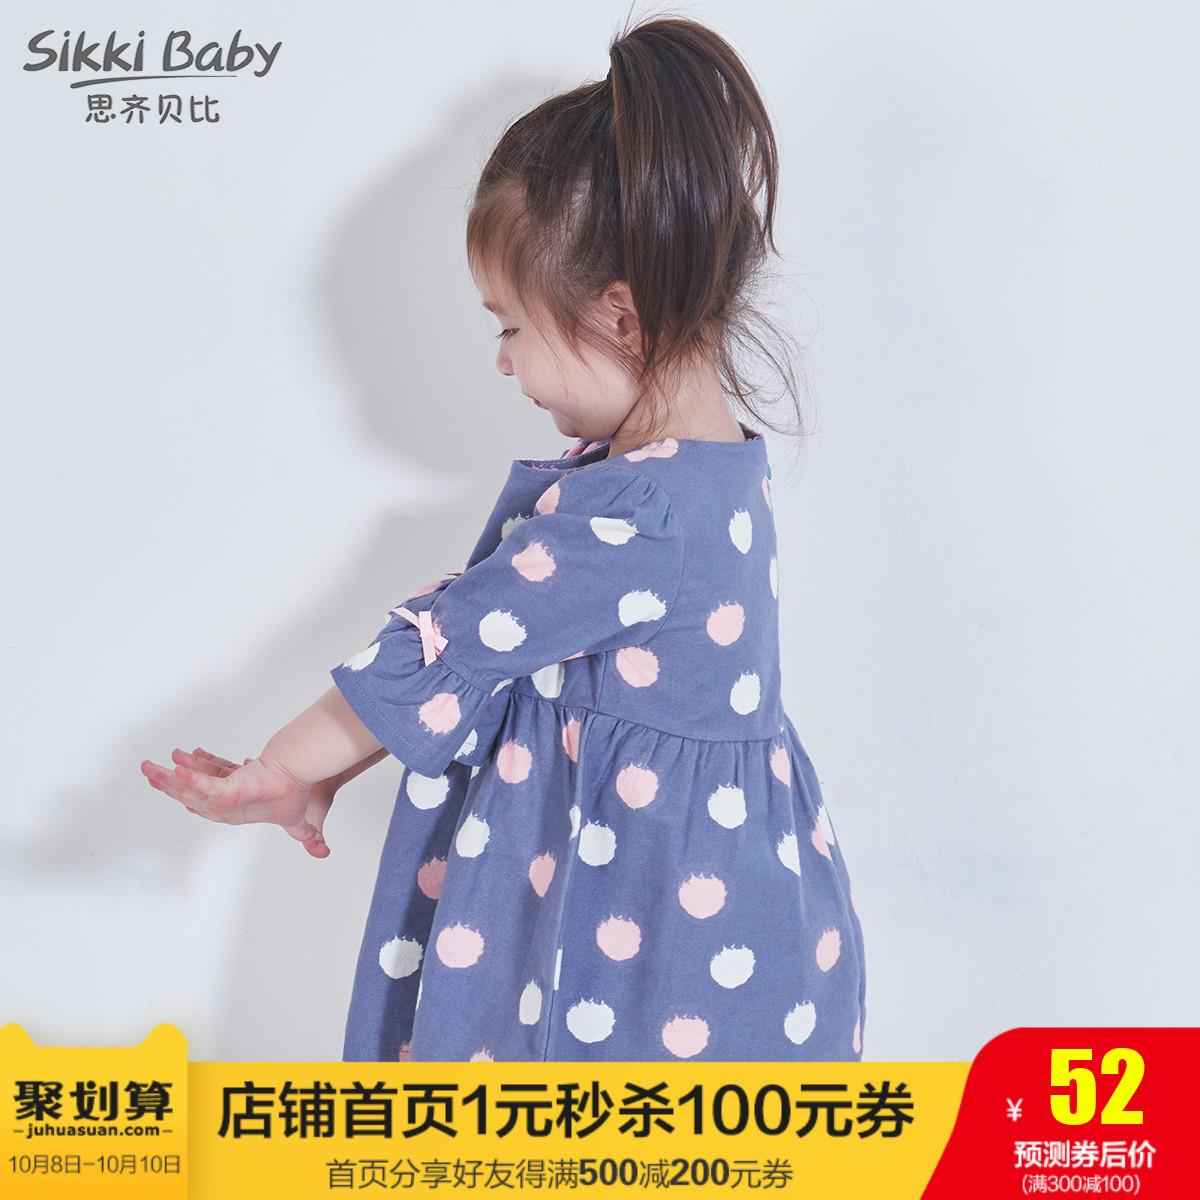 女童秋装连衣裙儿童夏装宝宝公主裙小童婴儿夏季超洋气裙子春秋潮包邮